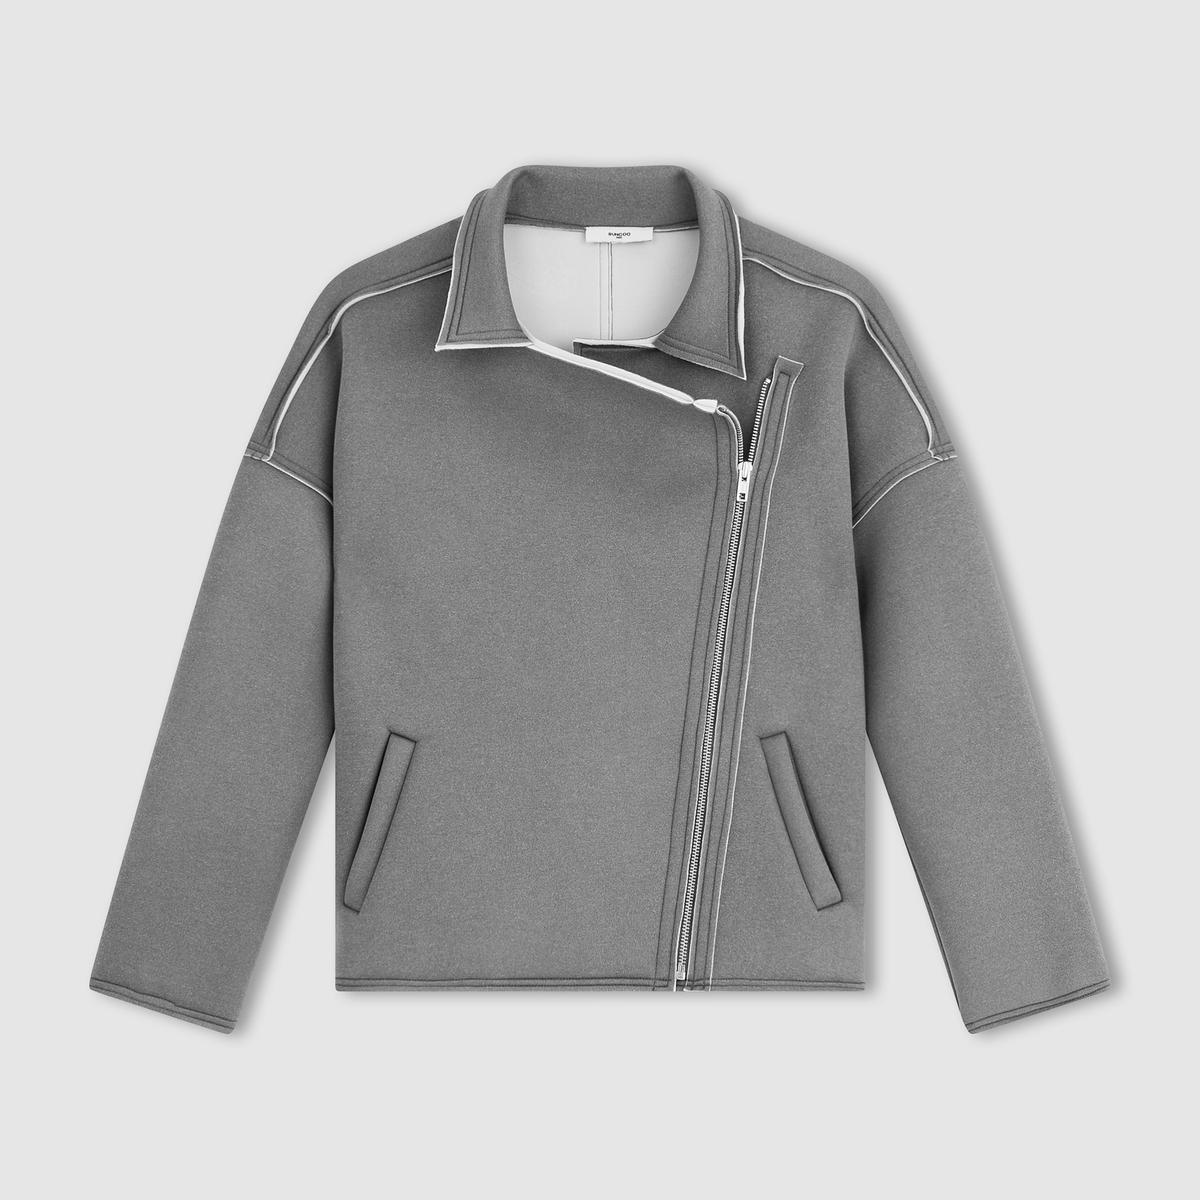 Пальто короткоеПальто короткое - SUNCOO. Асимметричная застежка на молнию. 2 кармана.Описание и деталиМатериал: 95% полиэстера, 5% эластана.    Марка:    SUNCOO.<br><br>Цвет: красный,серый меланж<br>Размер: XS.M